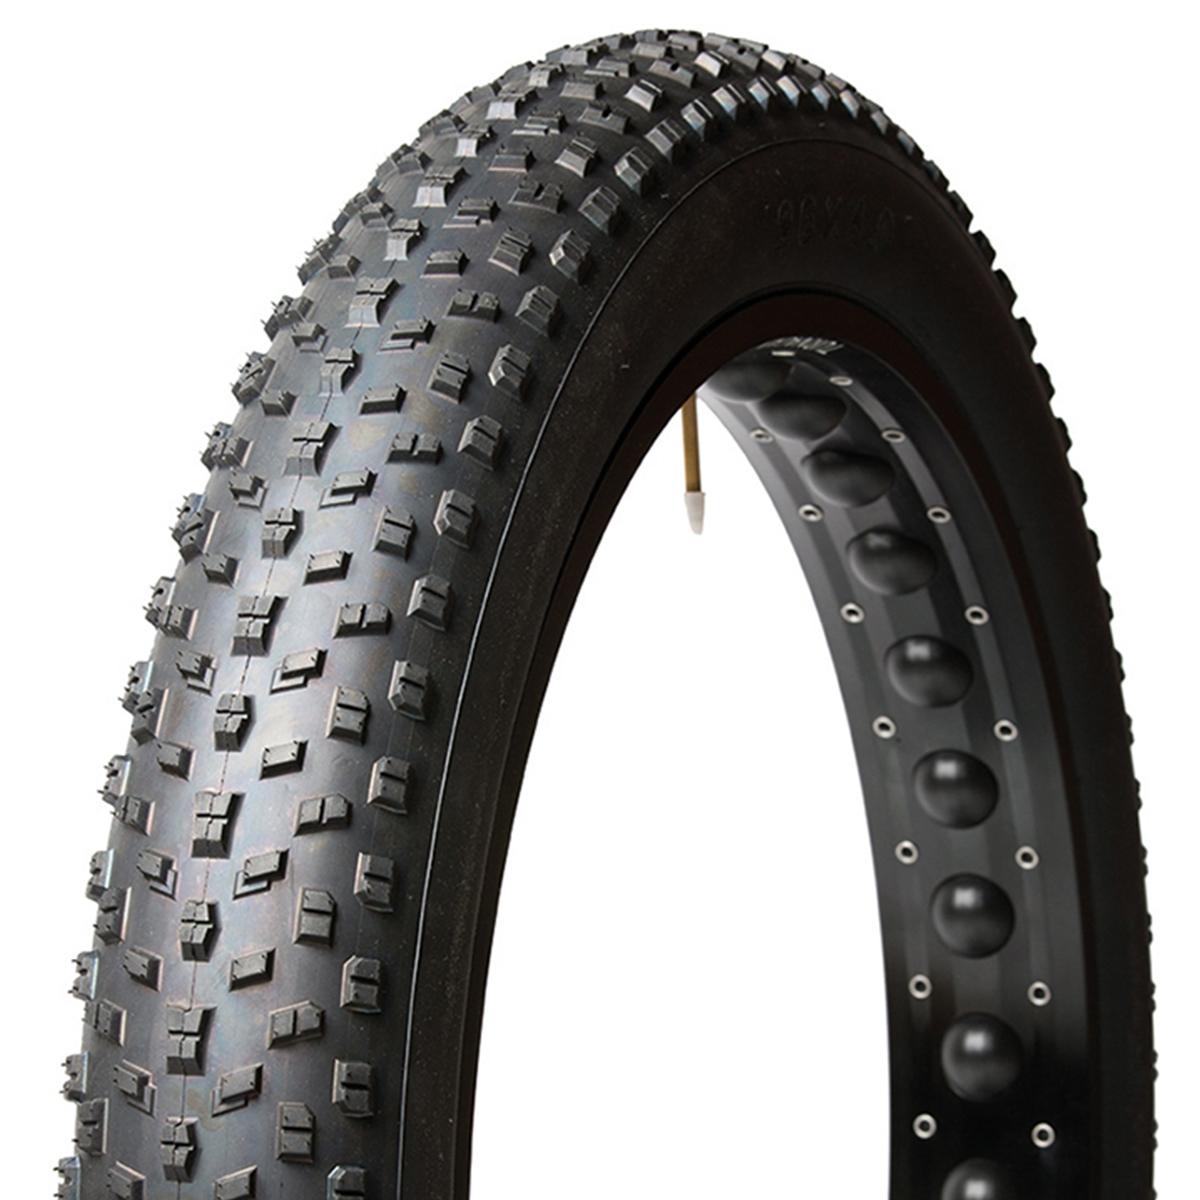 """Panaracer Fat B Nimble Folding MTB Plus Tyre - 27.5""""+"""